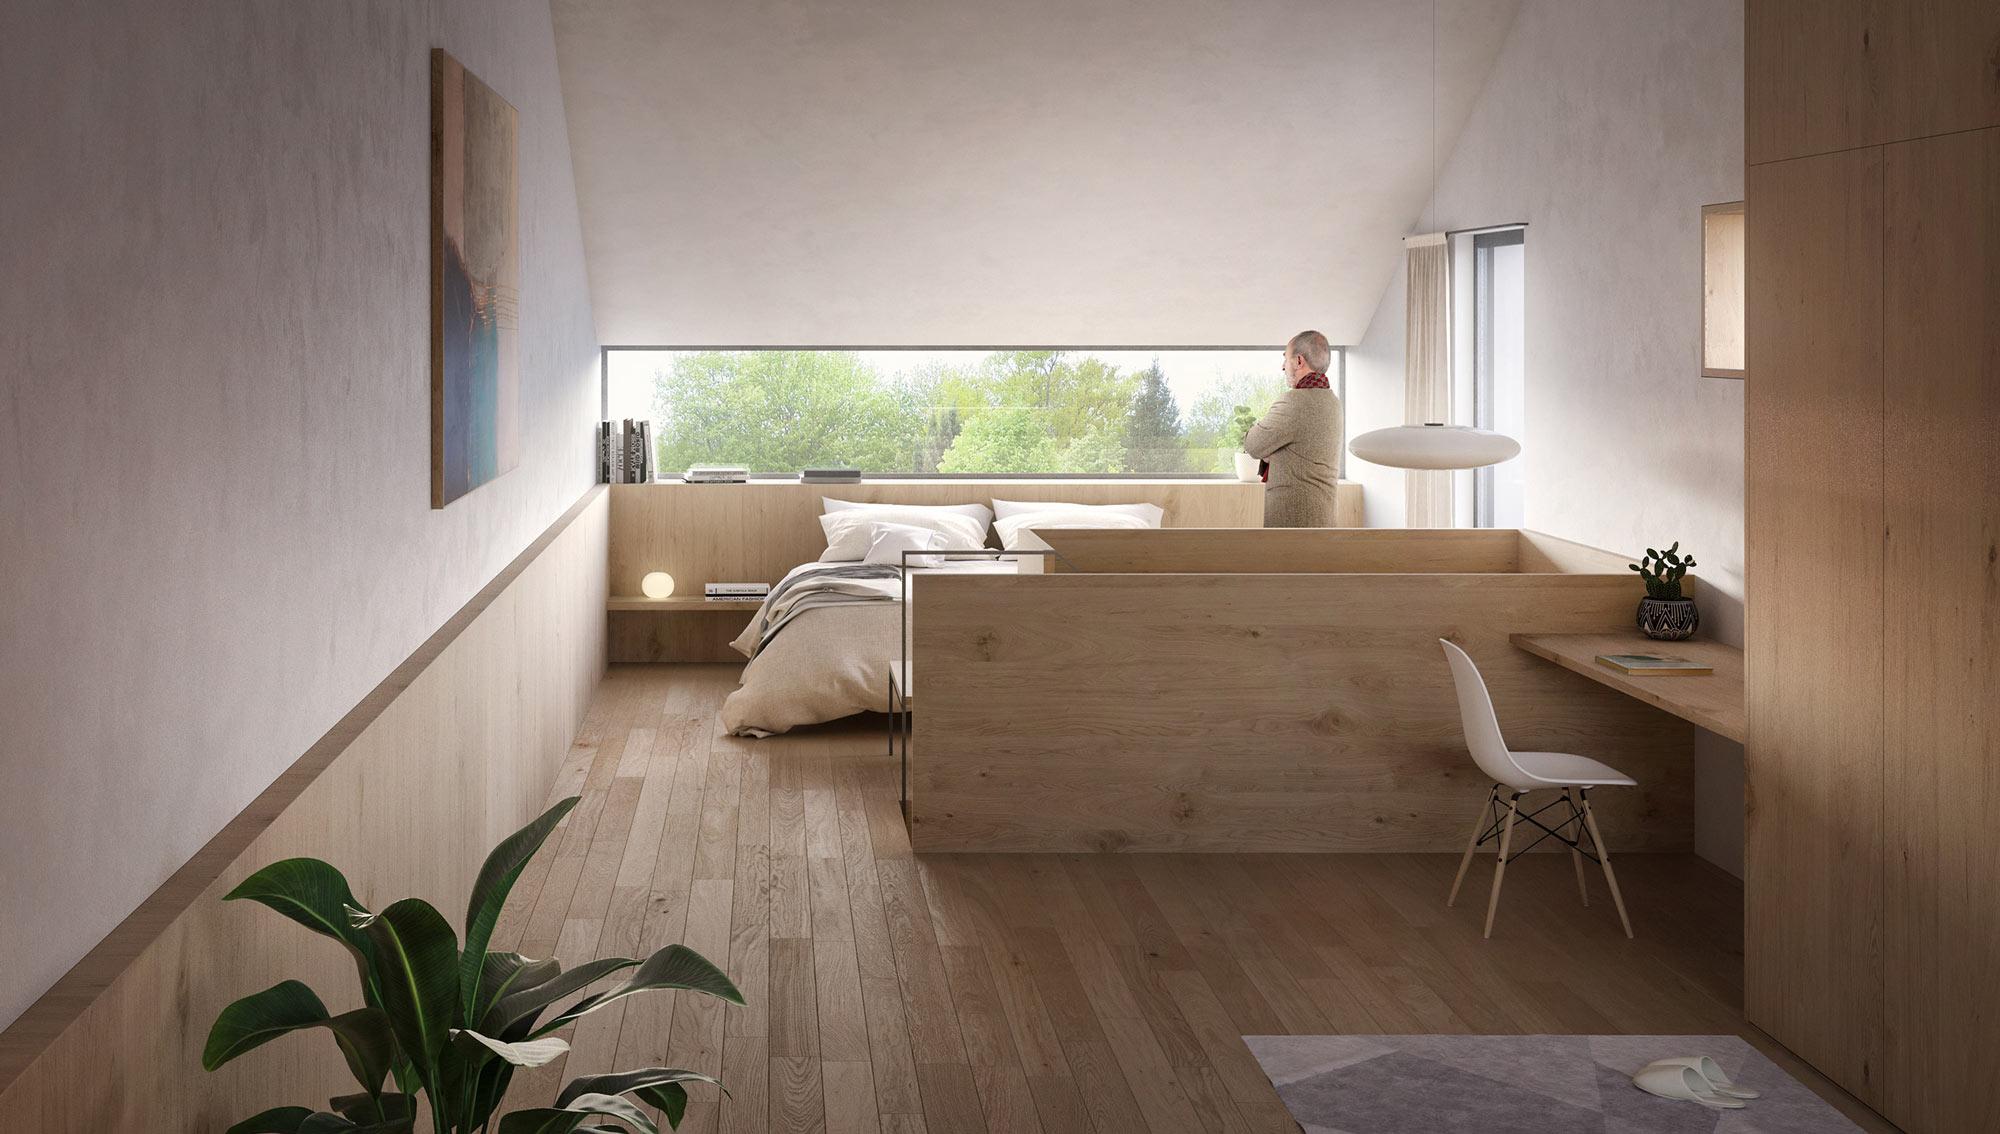 a25 architetti | Mountain house